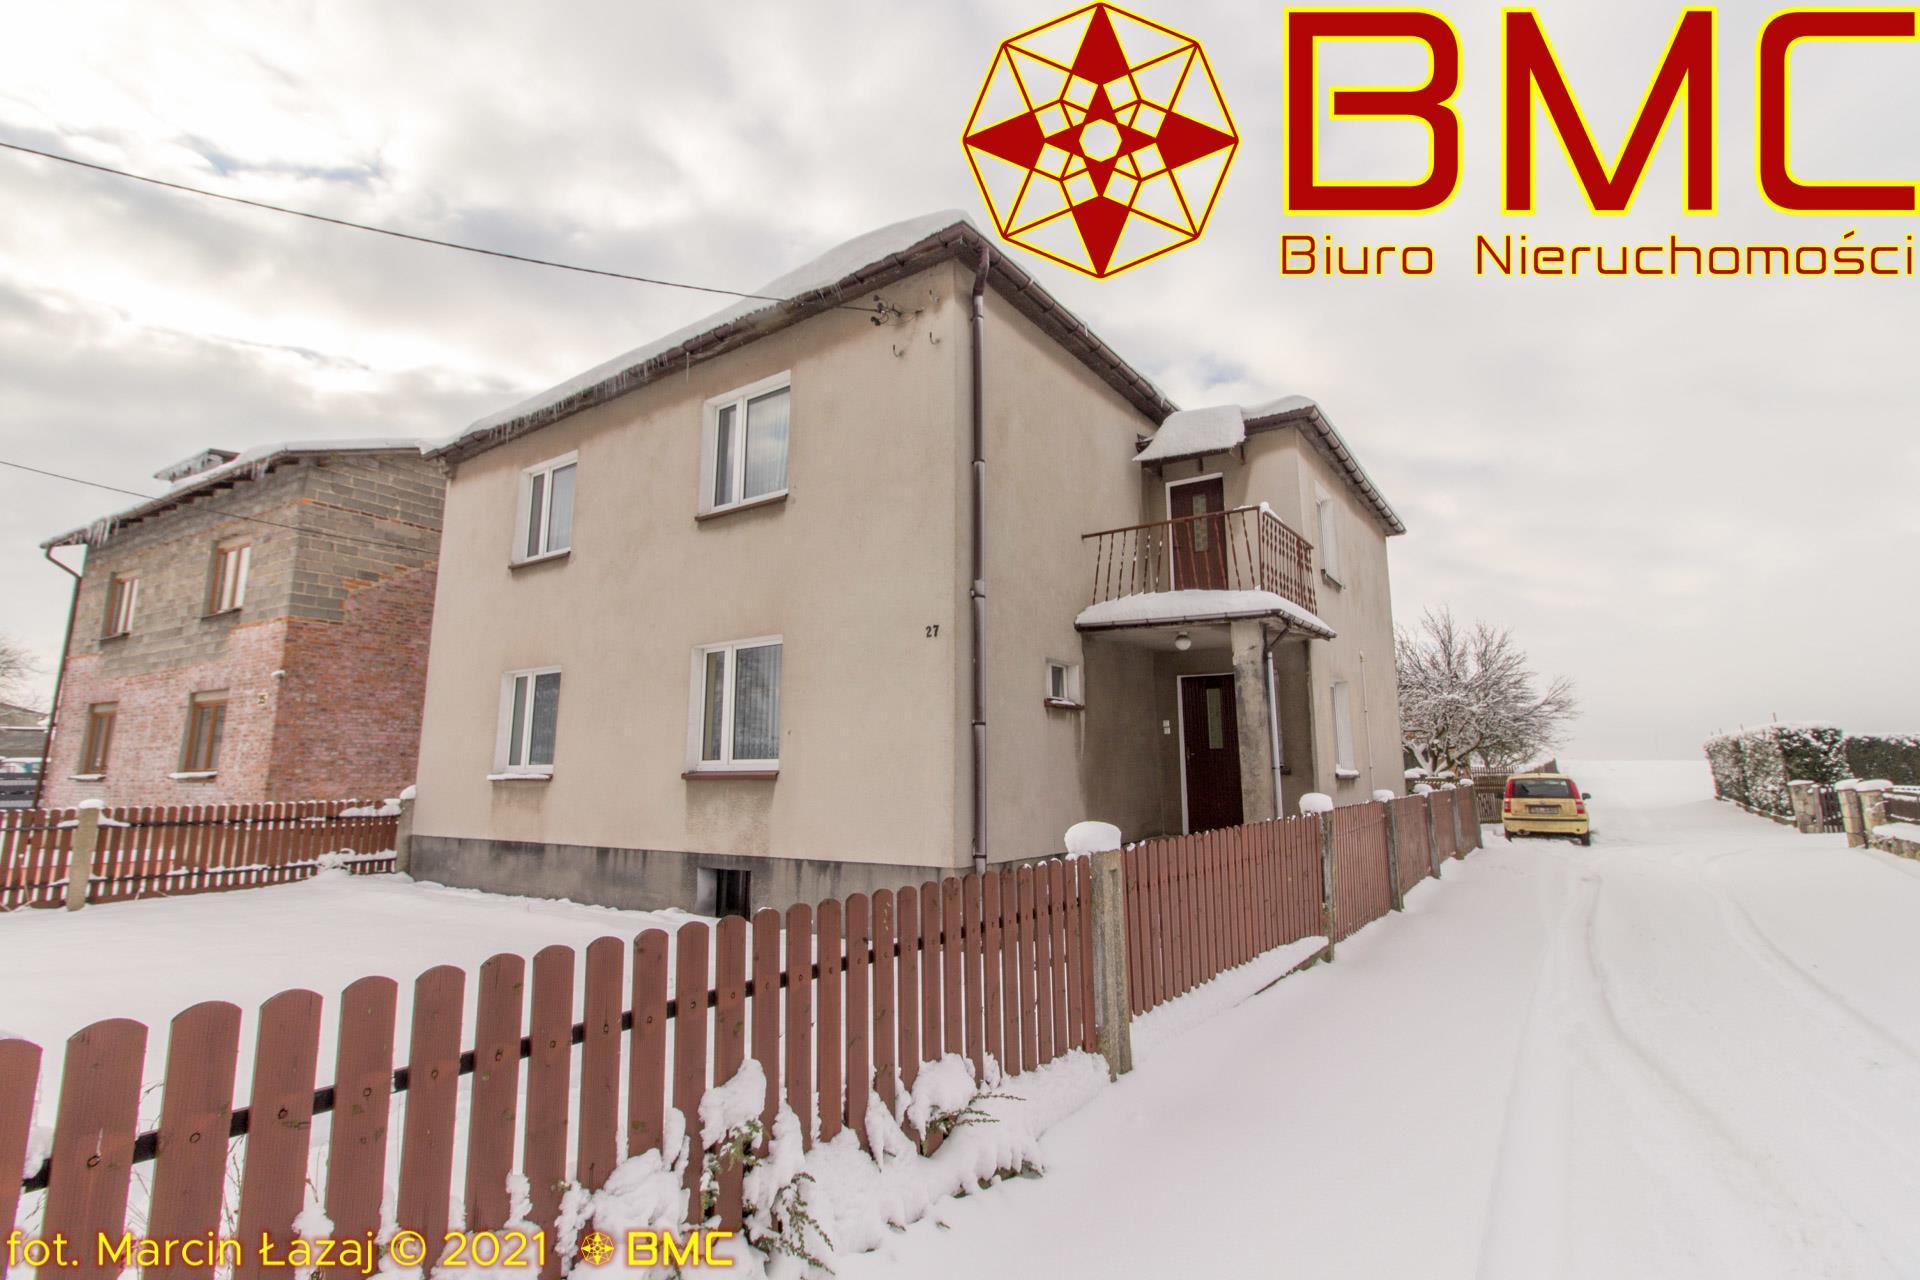 Nieruchomość Dom sprzedaż Babienica Piętrowy dom w Babienicy1